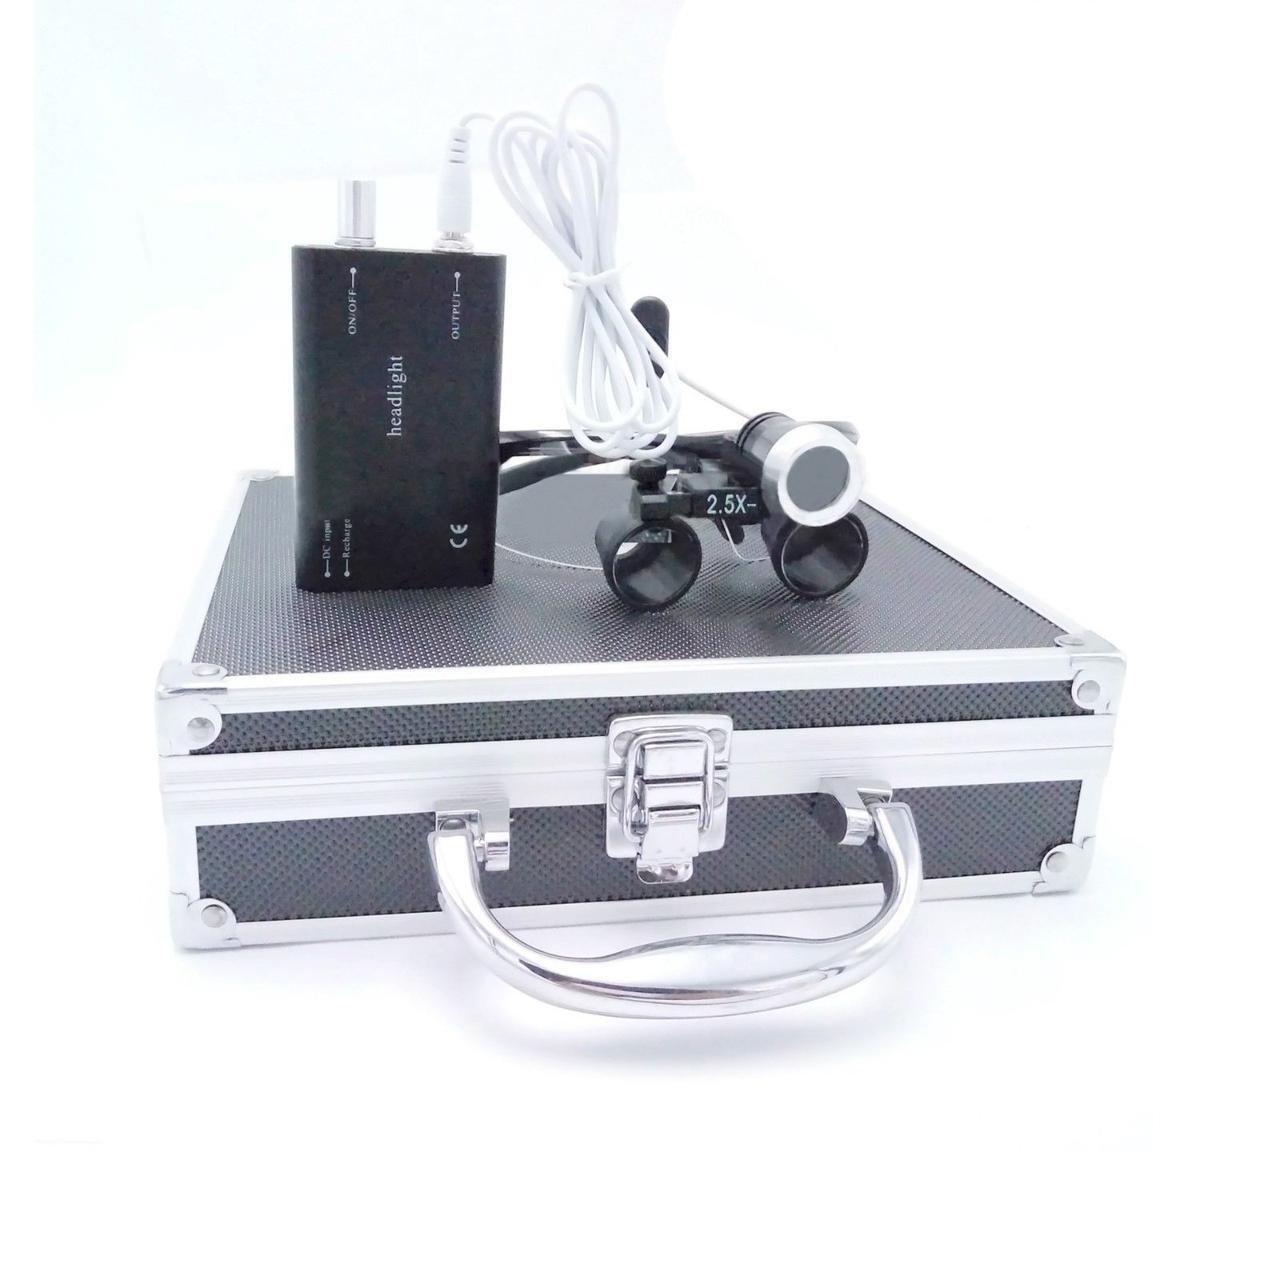 Комплект бинокуляры B1 2.5x-420 + подсветка, black